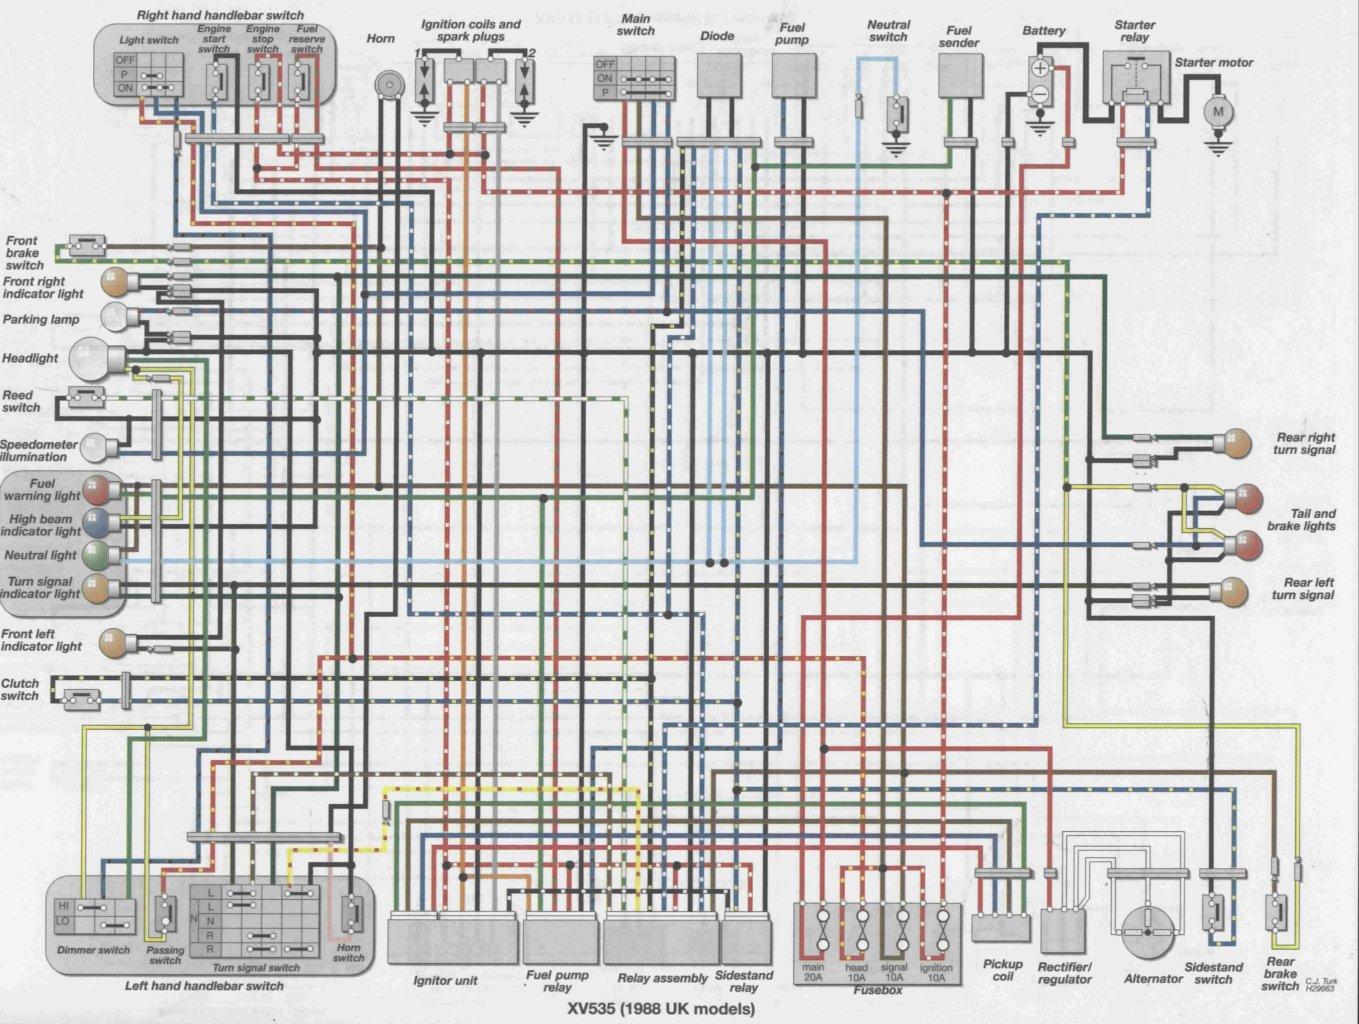 1985 Yamaha Virago 750 Wiring Diagram